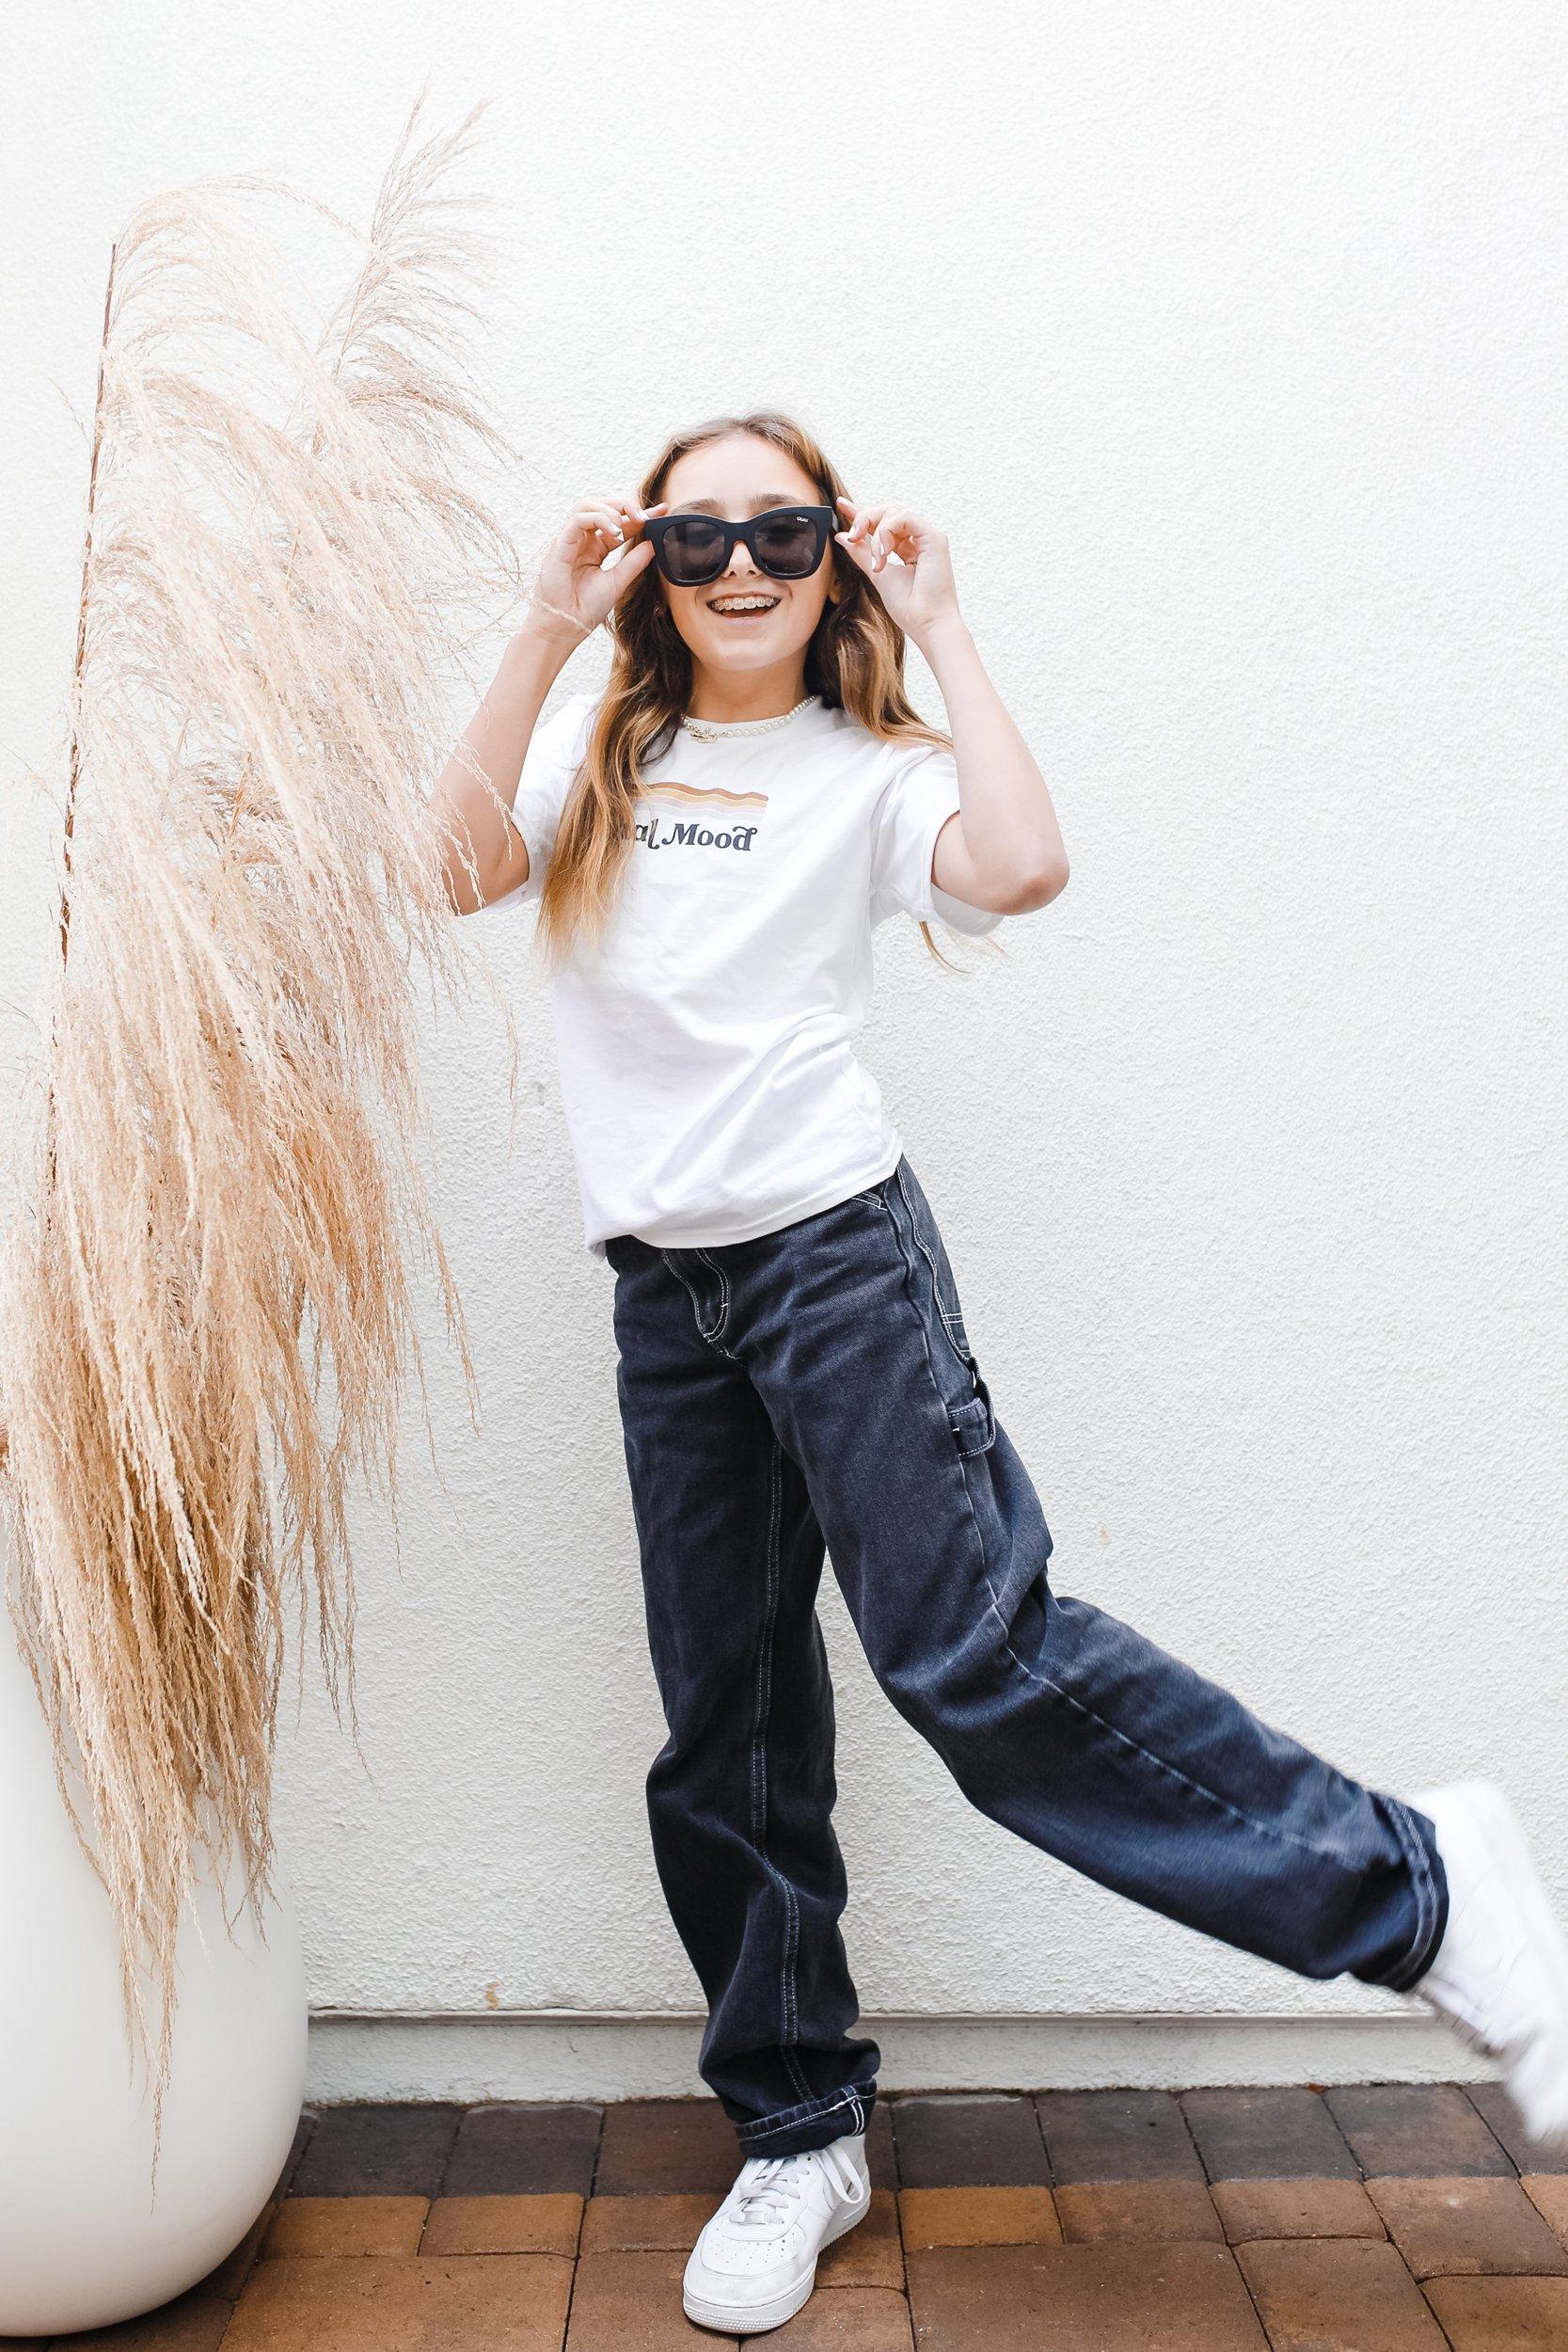 girl in sunglasses dancing